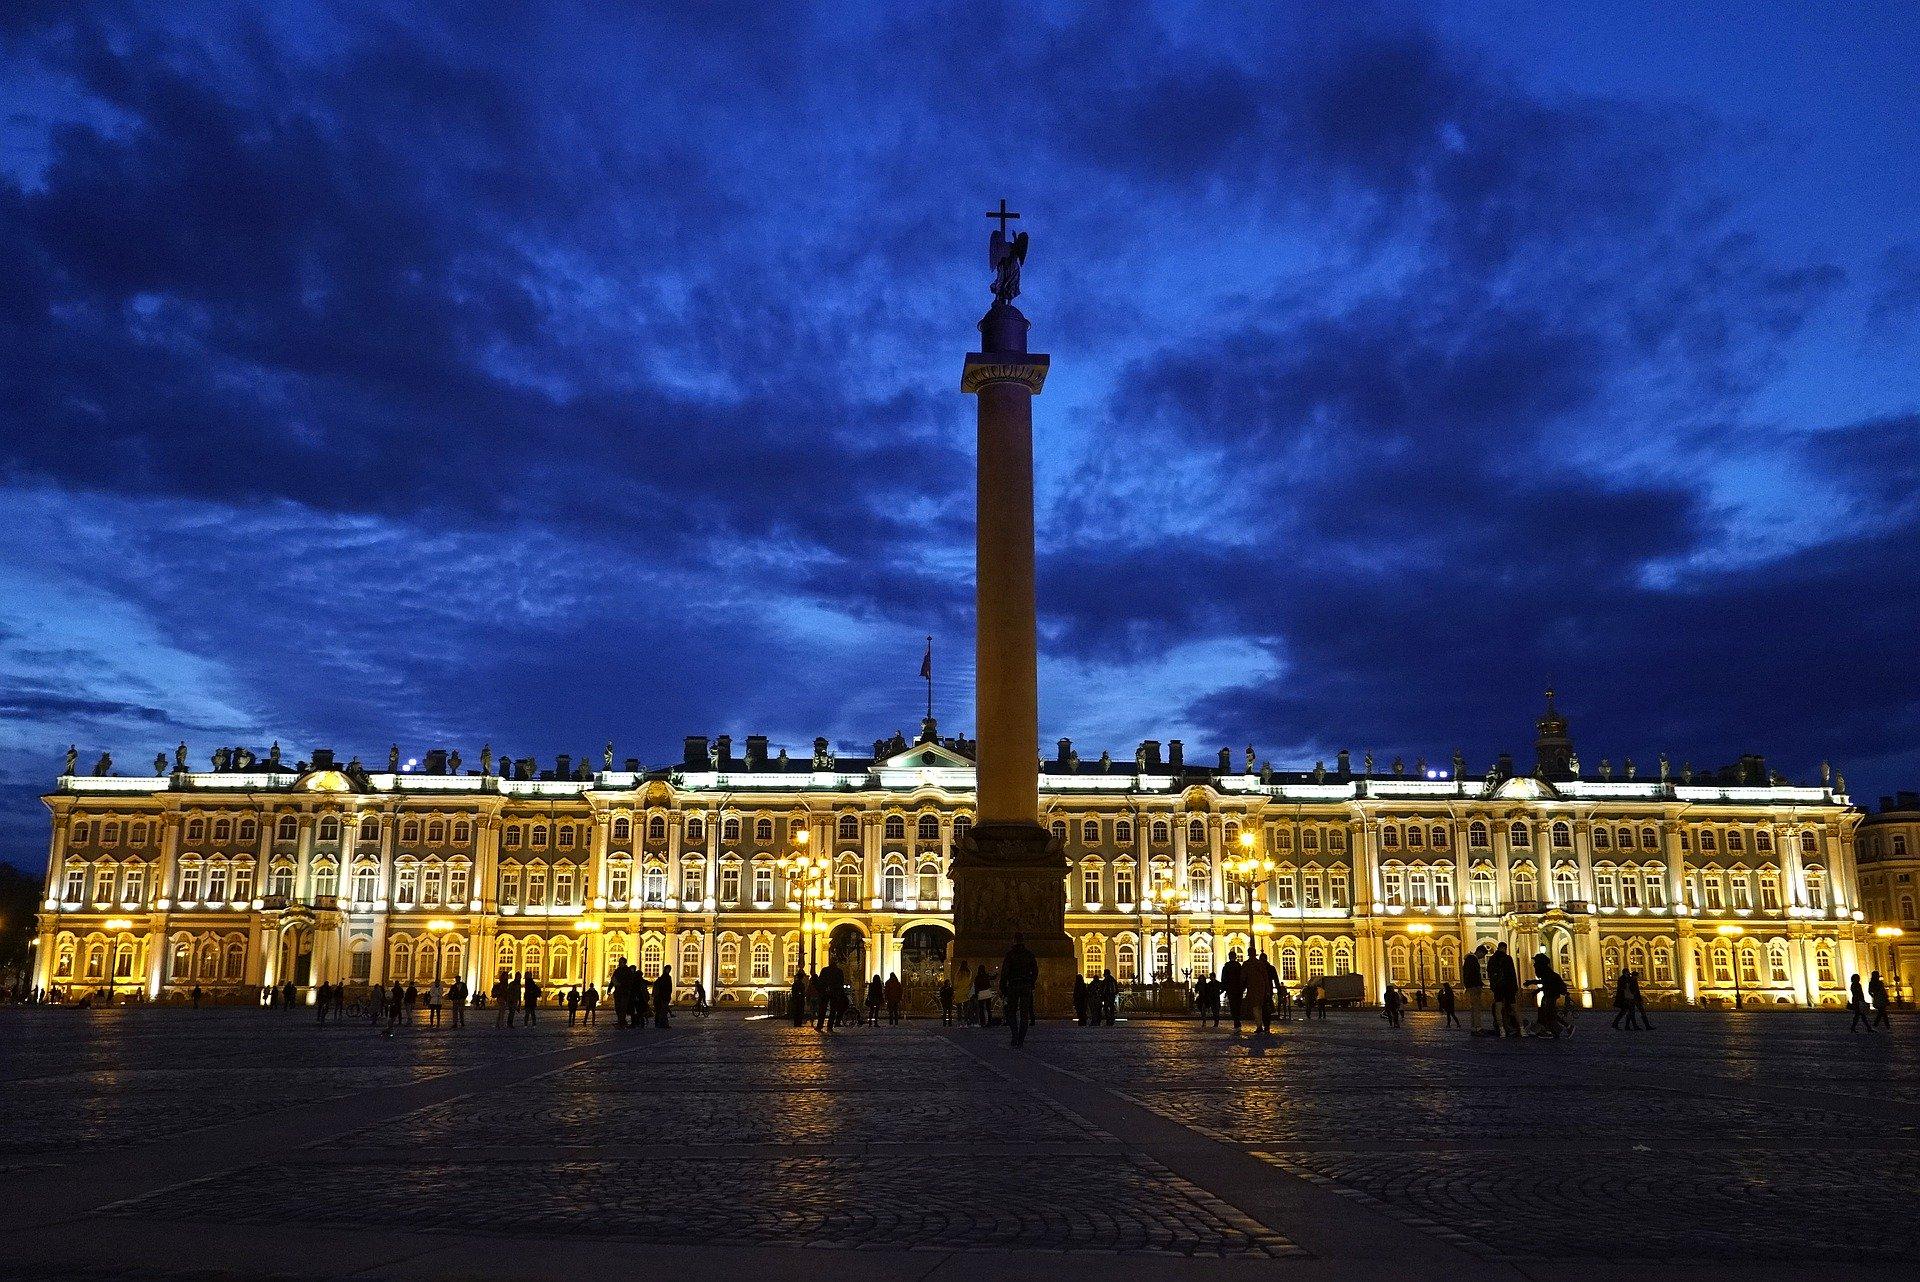 Быстрая электронная виза в Санкт-Петербург…  теперь это реальность!